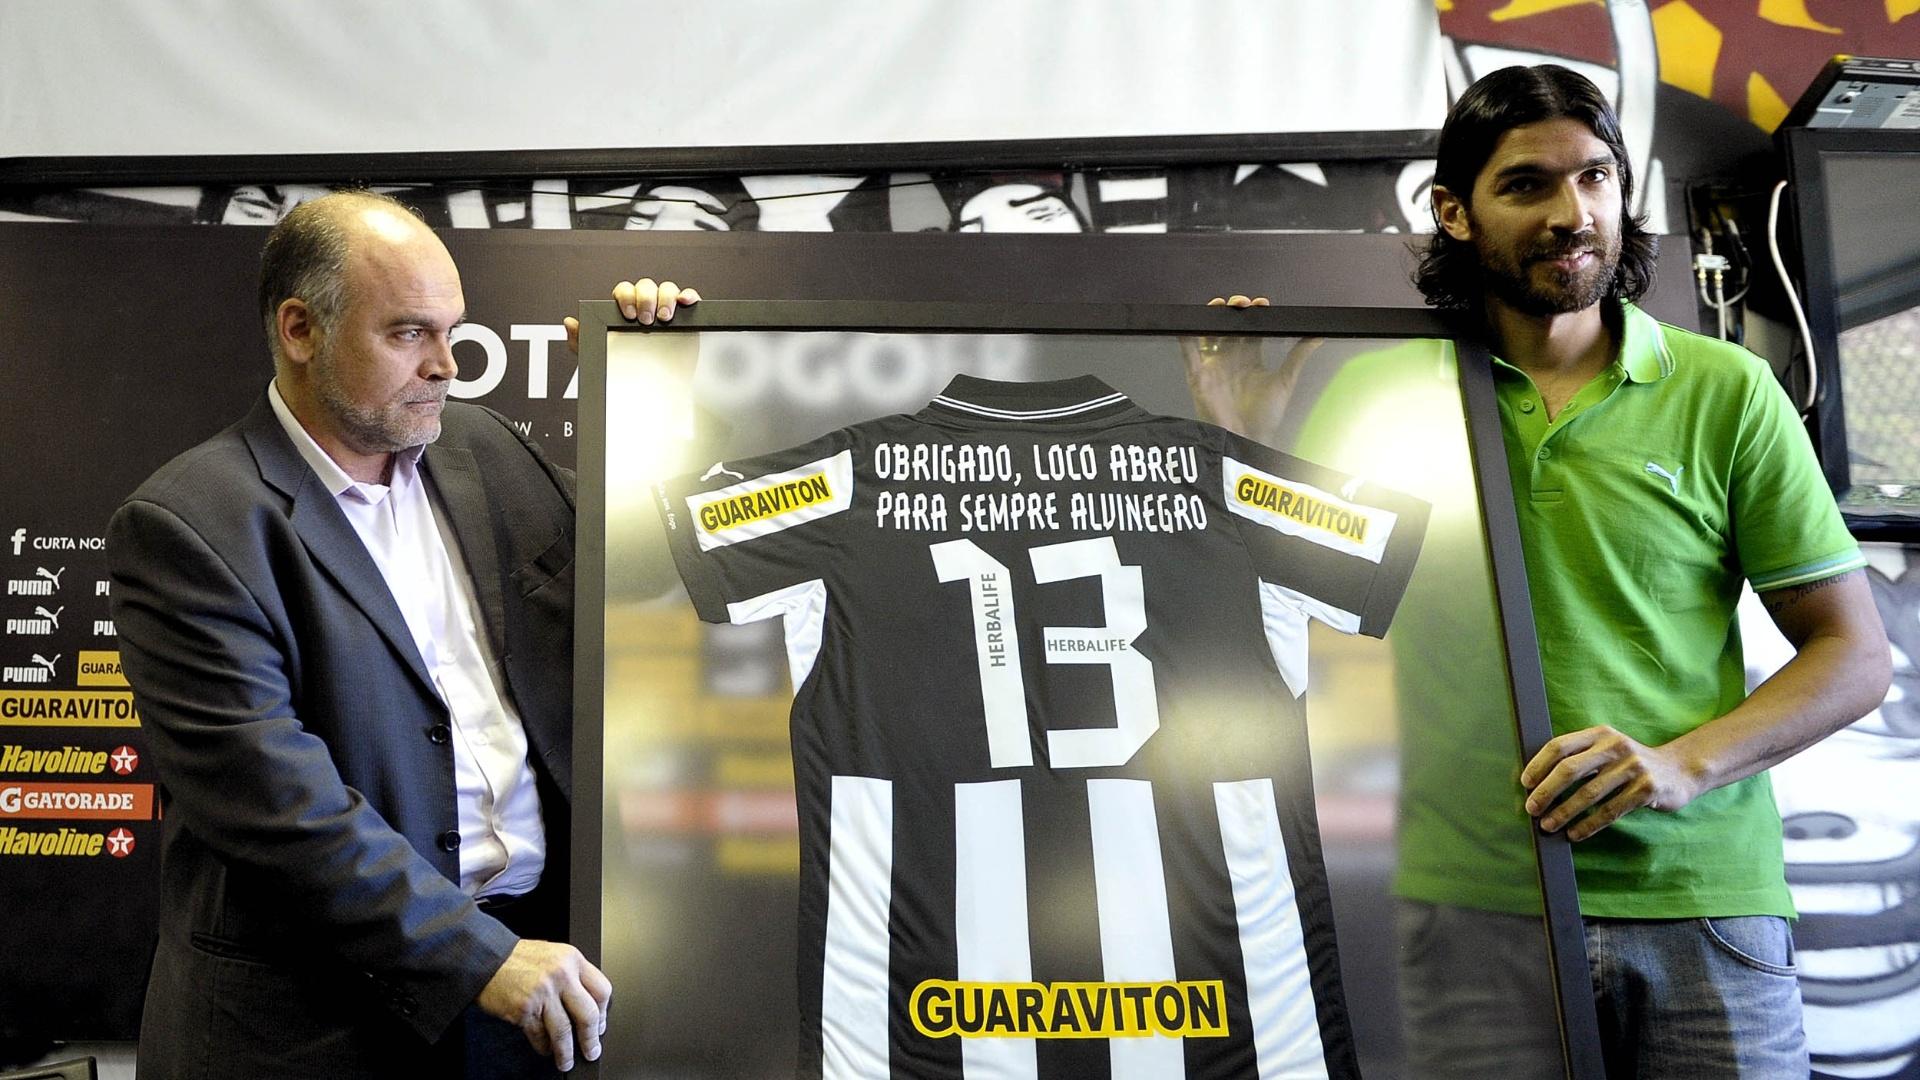 6a6e0f4214 Loco Abreu recebe é homenageado e recebe camisa do presidente do Botafogo  (06 07